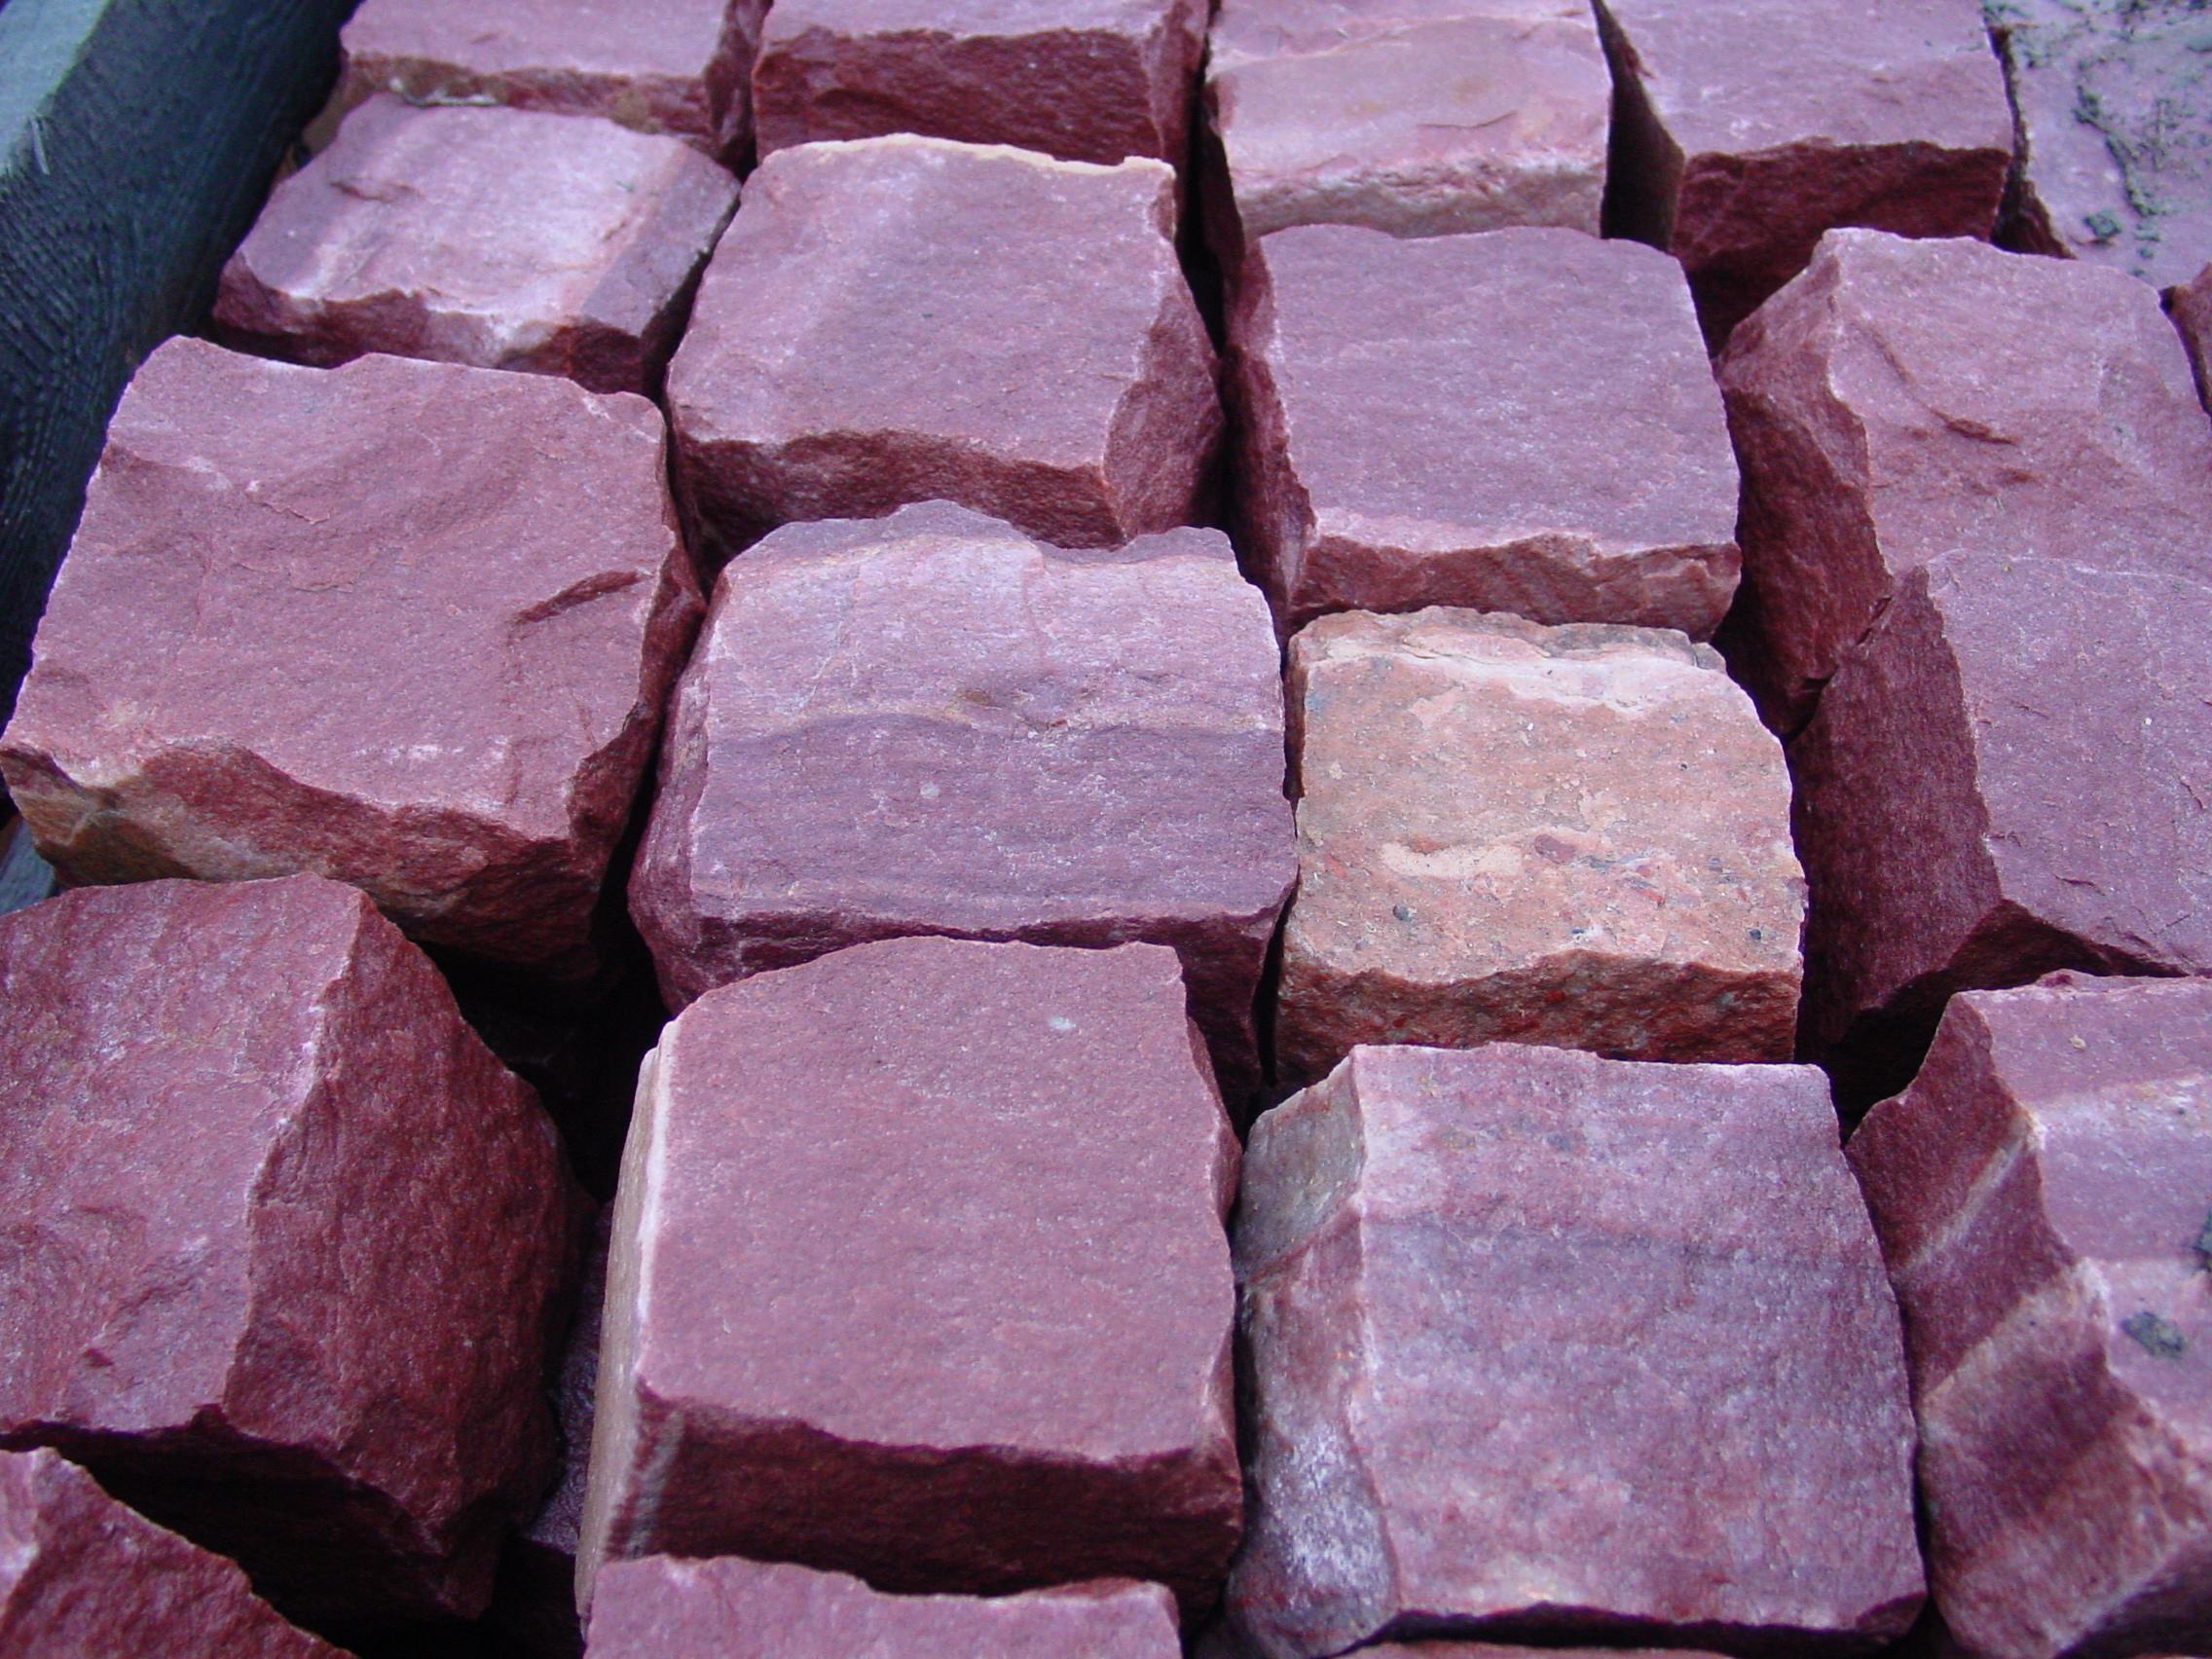 Минеральный состав гранита, самого распространенного полезного ископаемого на Земле.